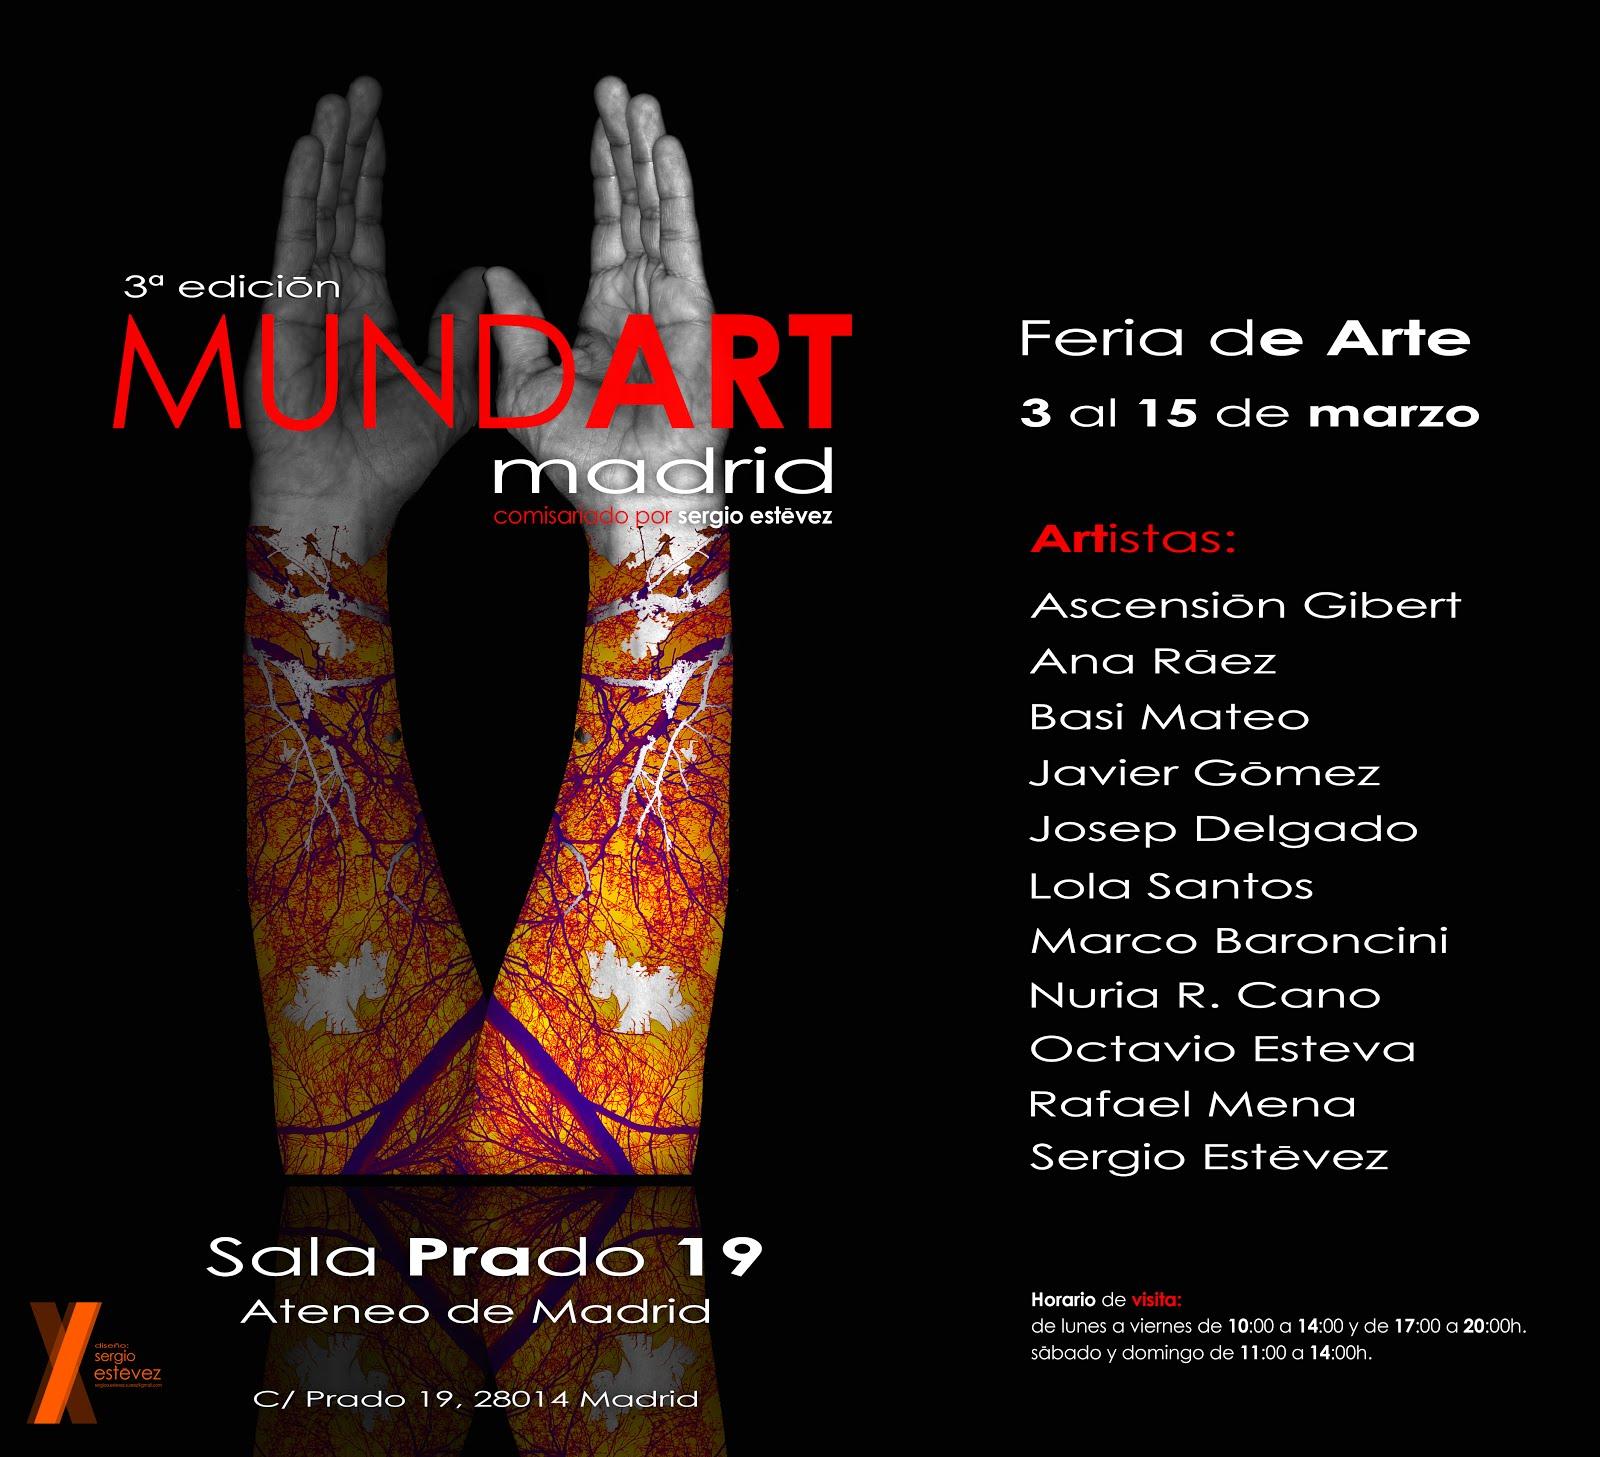 3ª EDICIÓN MUNDART ( MADRID)